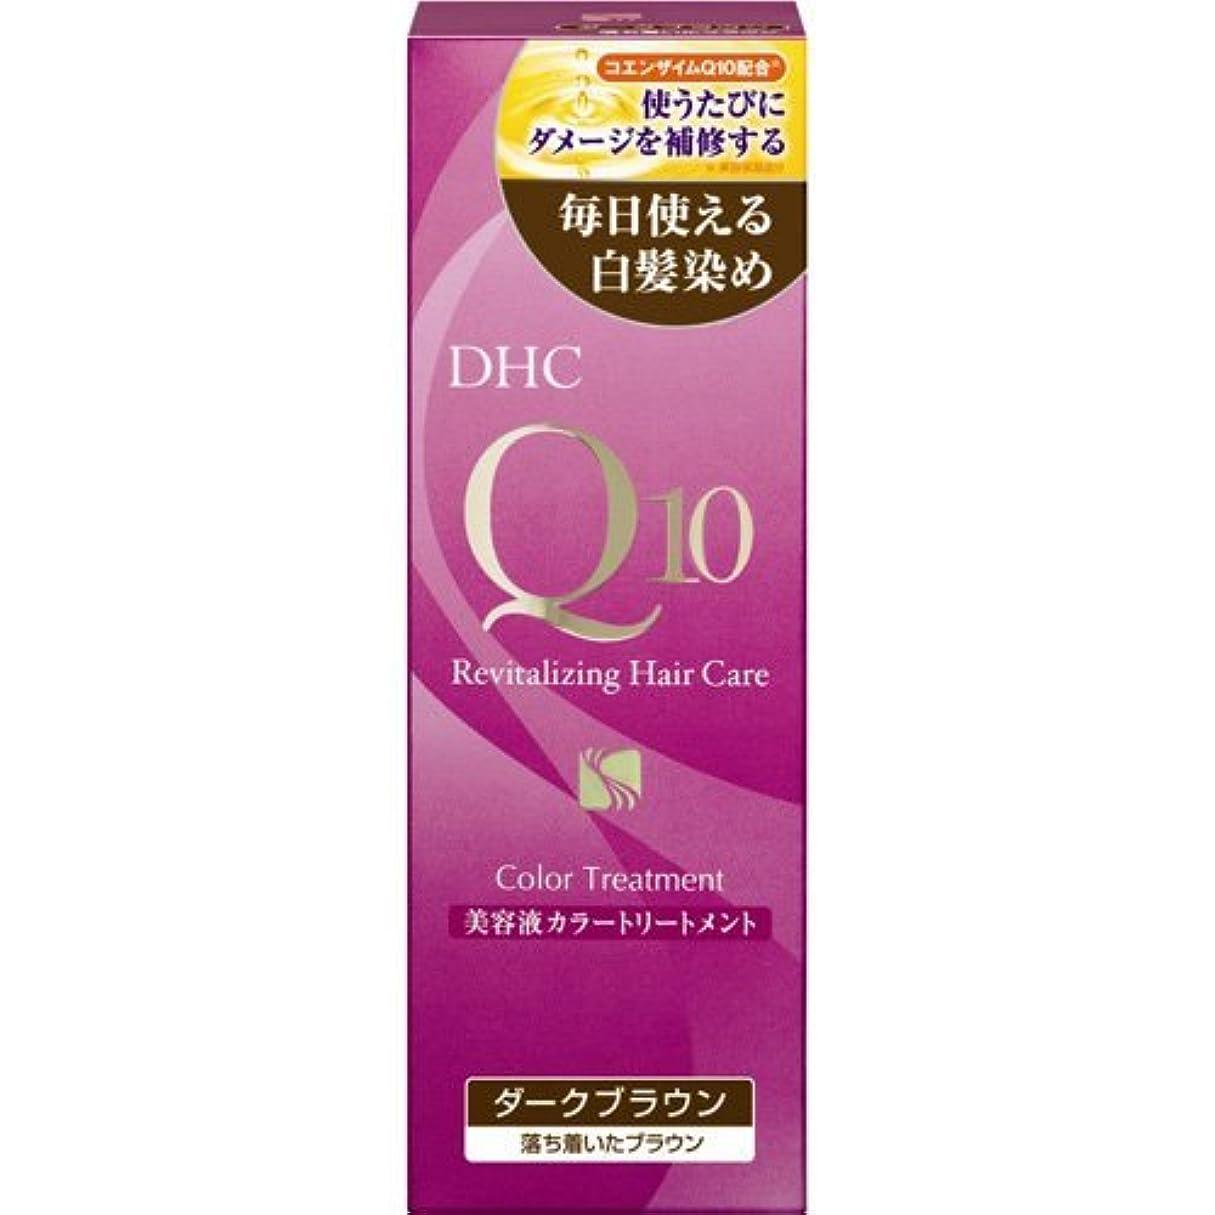 マニア暴動タクト【まとめ買い】DHC Q10美溶液カラートリートメントDブラウンSS170g ×3個